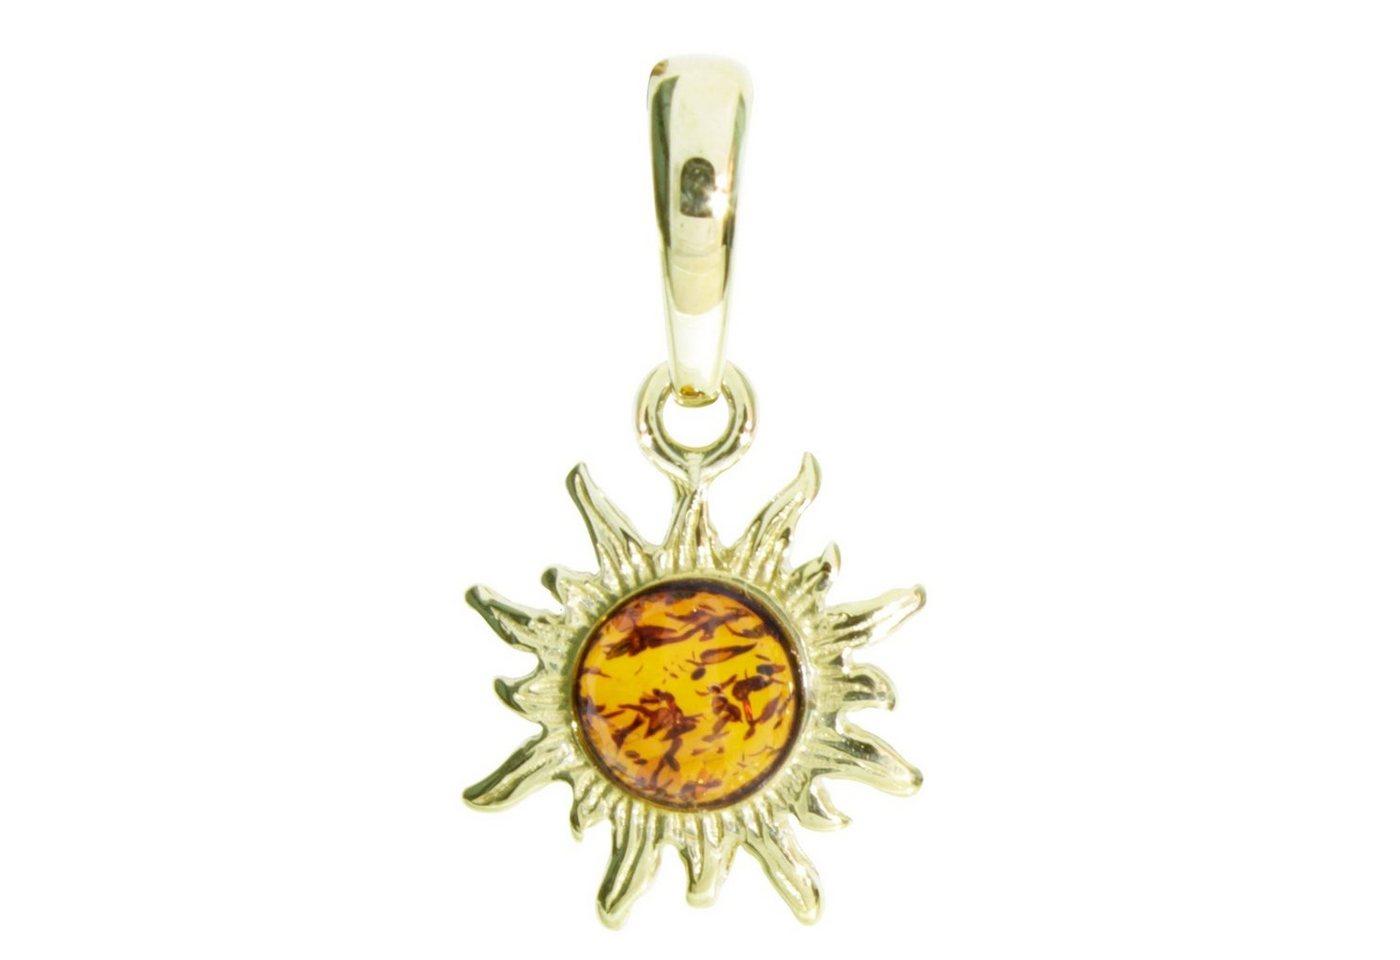 OSTSEE-SCHMUCK Kettenanhänger »Sonne 14 mm Silber 925/000, vergoldet Bernstein« | Schmuck > Halsketten > Ketten ohne Anhänger | Gelb | OSTSEE-SCHMUCK